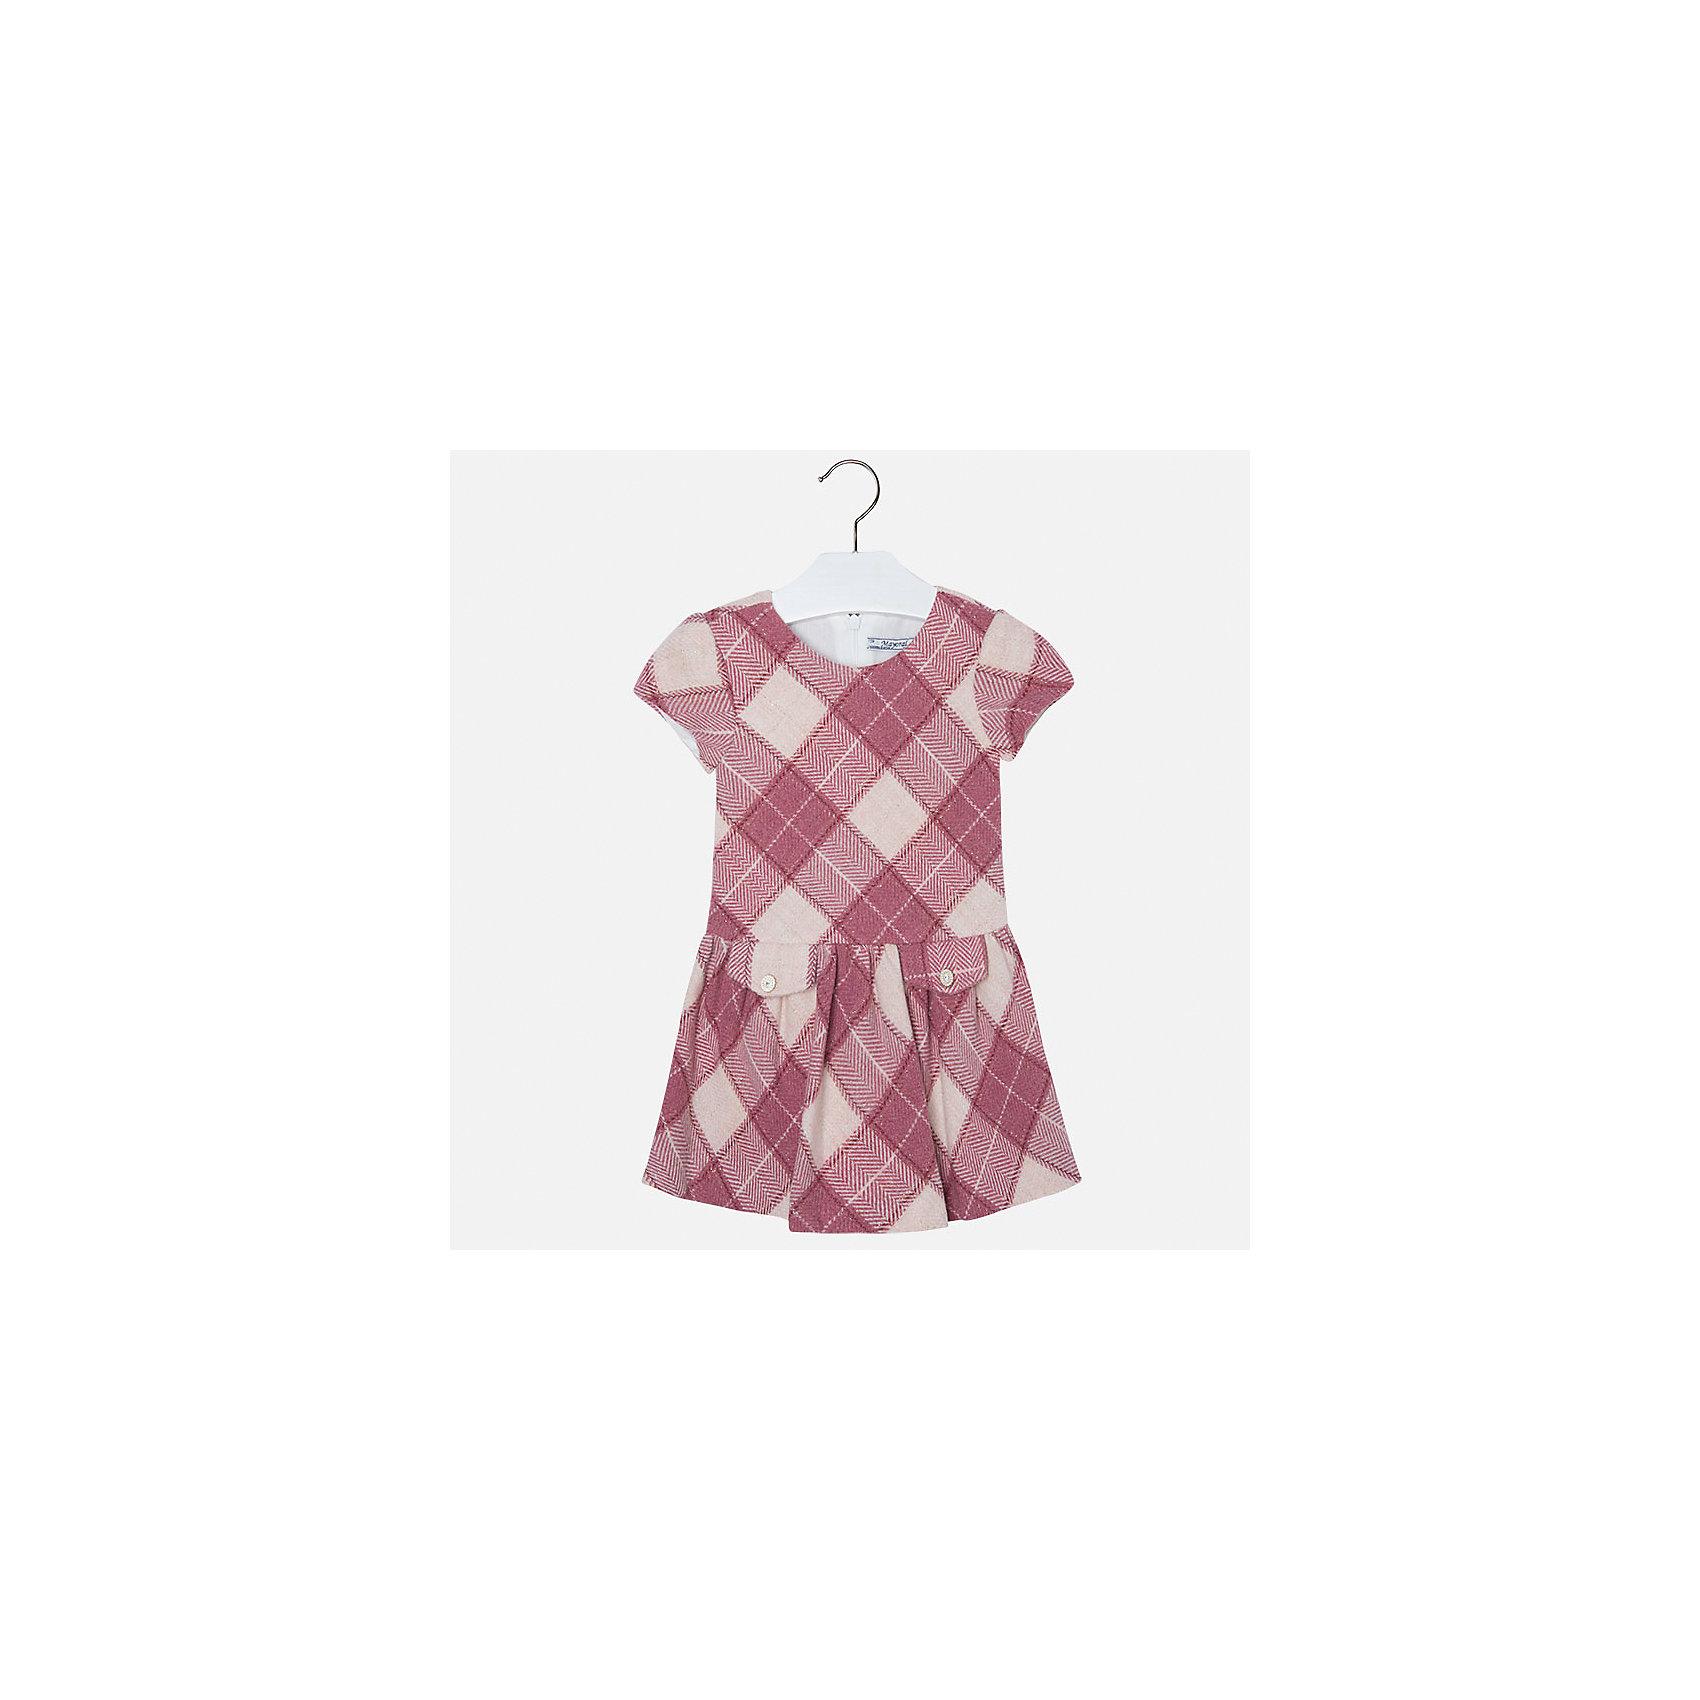 Платье для девочки MayoralПлатье для девочки от популярного испанского бренда Mayoral(Майорал). Платье застегивается на молнию сзади, есть 2 декоративных кармана спереди. Платье нежных цветов с простым дизайном - прекрасный выбор для юной леди.<br>Дополнительная информация:<br>-короткие рукава<br>-застегивается на молнию<br>-2 декоративных кармана<br>-цвет: красный<br>-состав. 53% полиэстер, 23% шерсть, 22% полиамид, 2% металлическое волокно; подкладка: 50% хлопок, 50% полиэстер<br>Платье Mayoral(Майорал) вы можете приобрести в нашем интернет-магазине.<br><br>Ширина мм: 236<br>Глубина мм: 16<br>Высота мм: 184<br>Вес г: 177<br>Цвет: розовый<br>Возраст от месяцев: 96<br>Возраст до месяцев: 108<br>Пол: Женский<br>Возраст: Детский<br>Размер: 134,110,98,104,128,122,116<br>SKU: 4844331